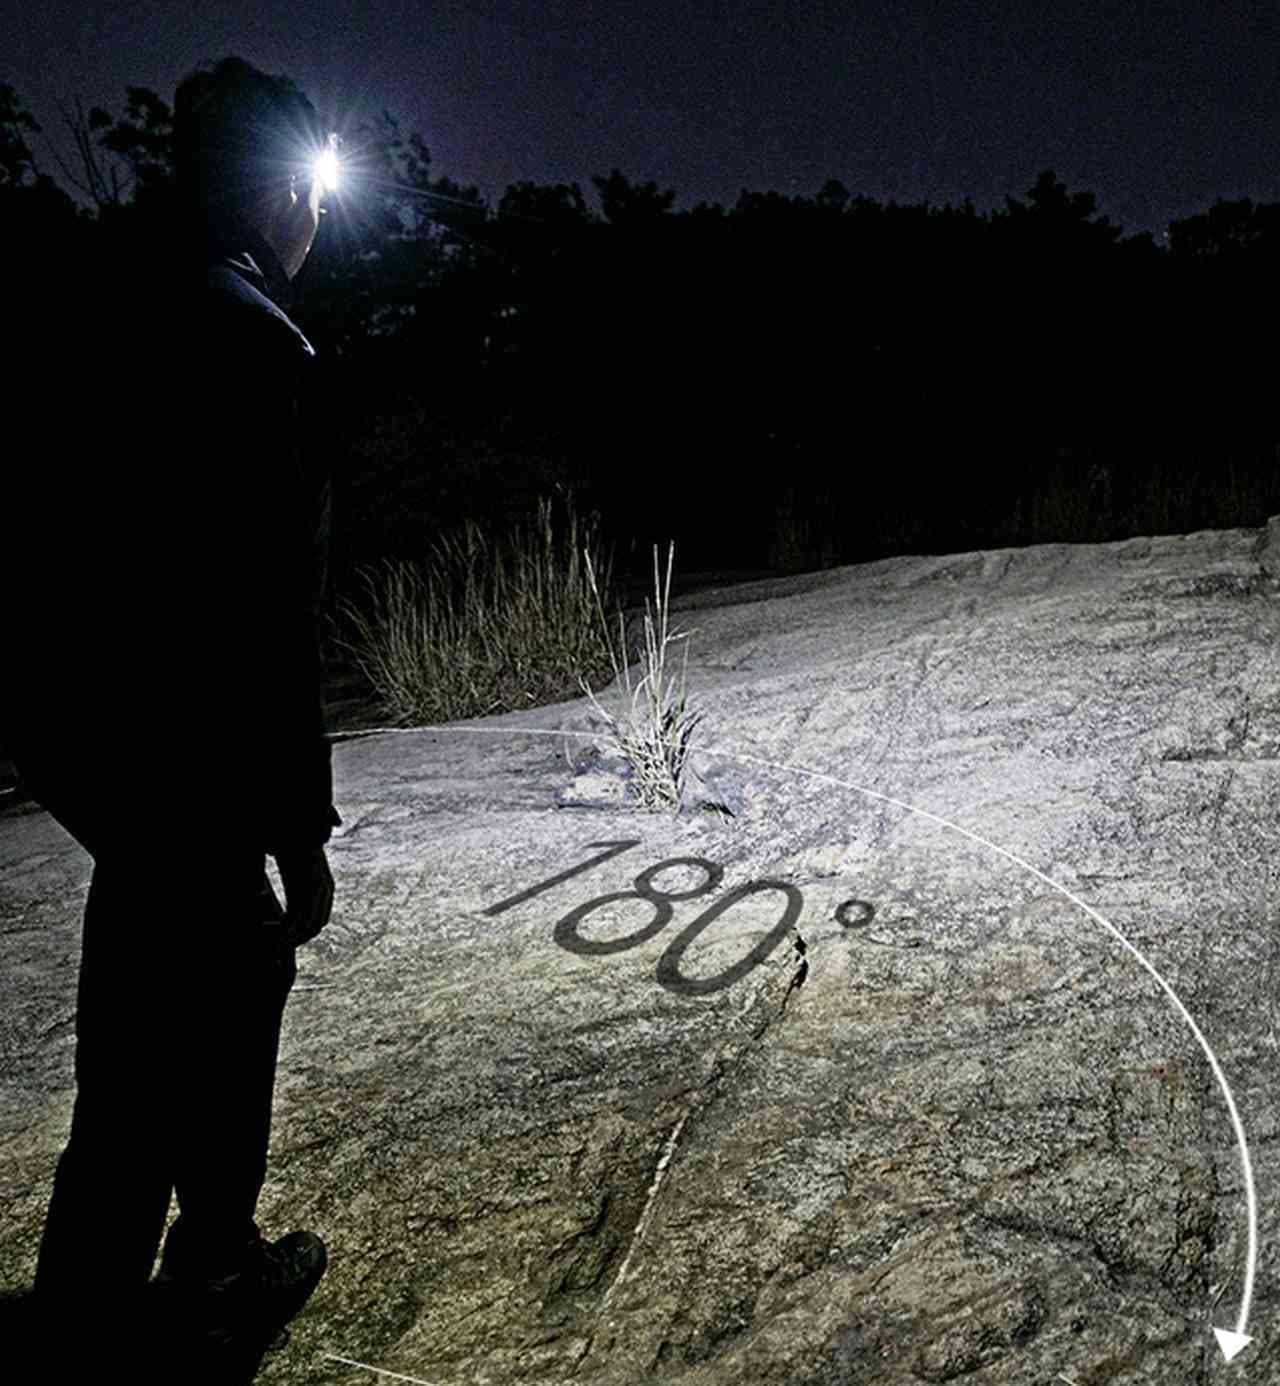 キャンプに良いかも?180度照らすヘッドライト ハーキンス「オービット」